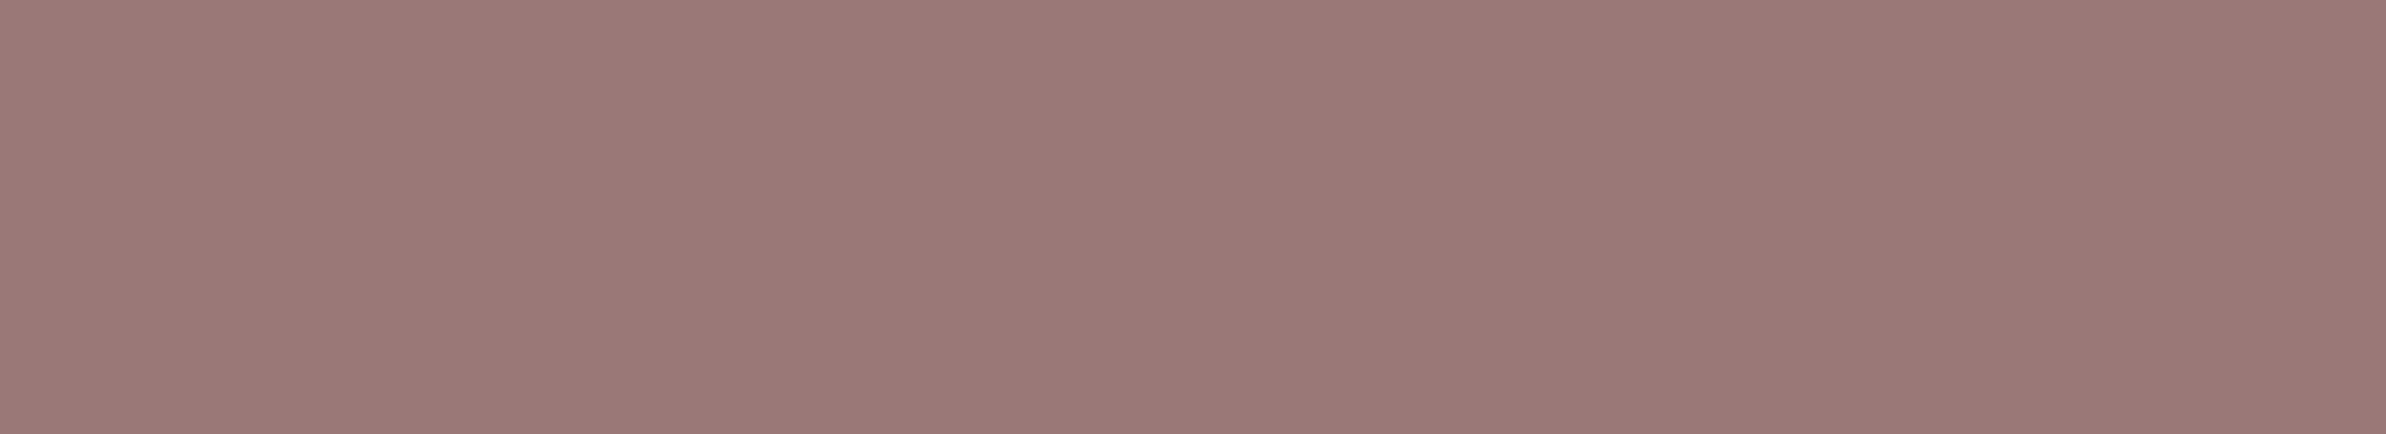 #2380 @ 1% - Grey